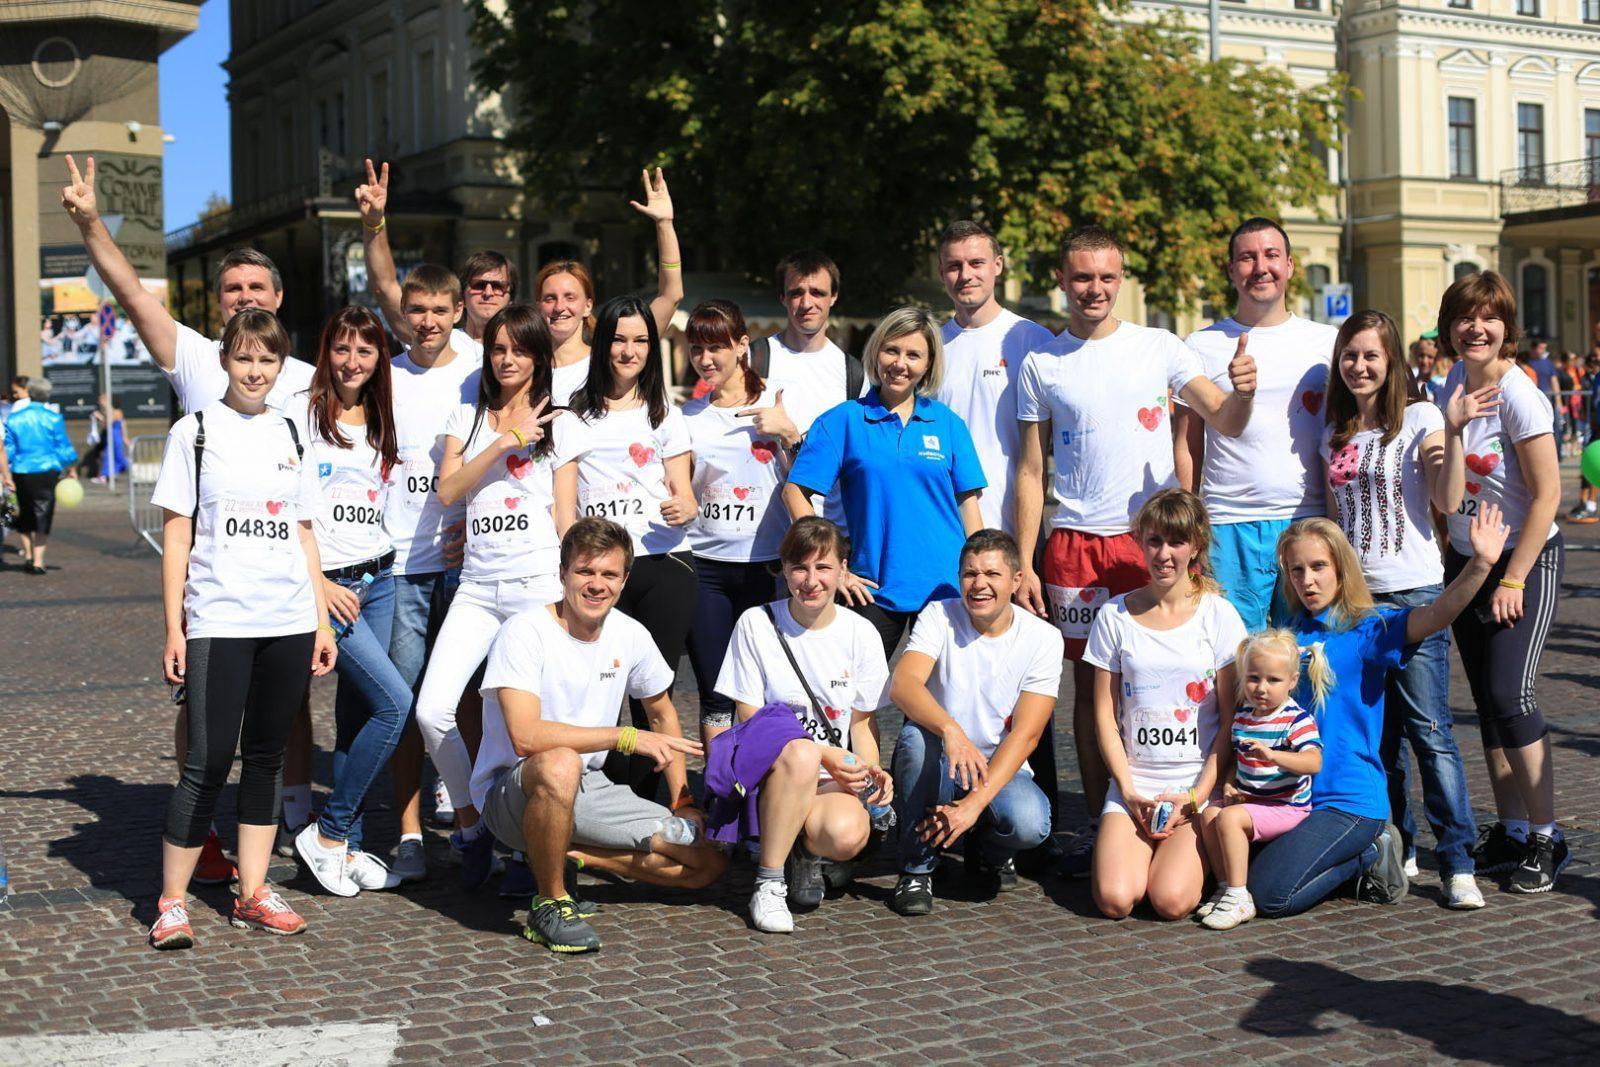 «Київстар» приєднується до благородної ініціативи «Пробіг під каштанами-2015!»